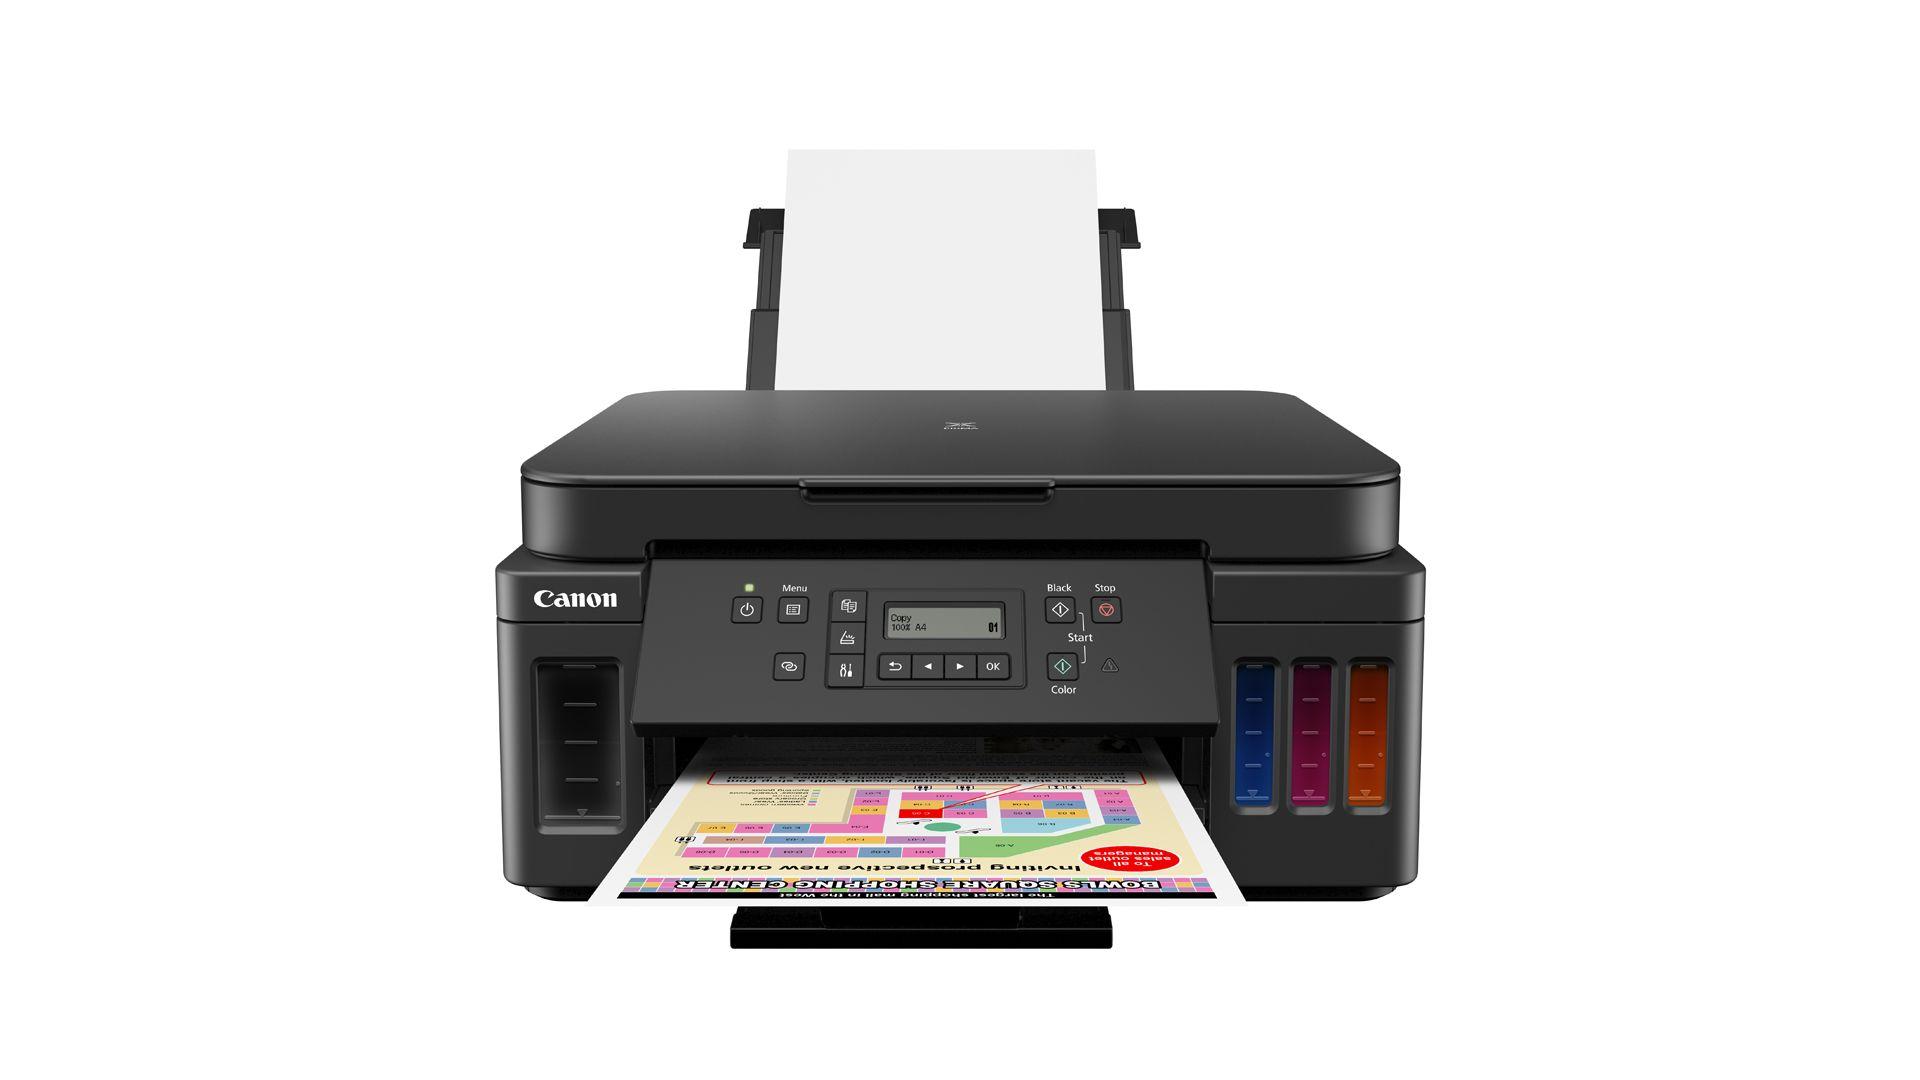 Mega Tank G6010 rende até 7.700 páginas coloridas e é compatível com o Apple AirPrint e com o Google Cloud Print (Foto: Divulgação/Canon)